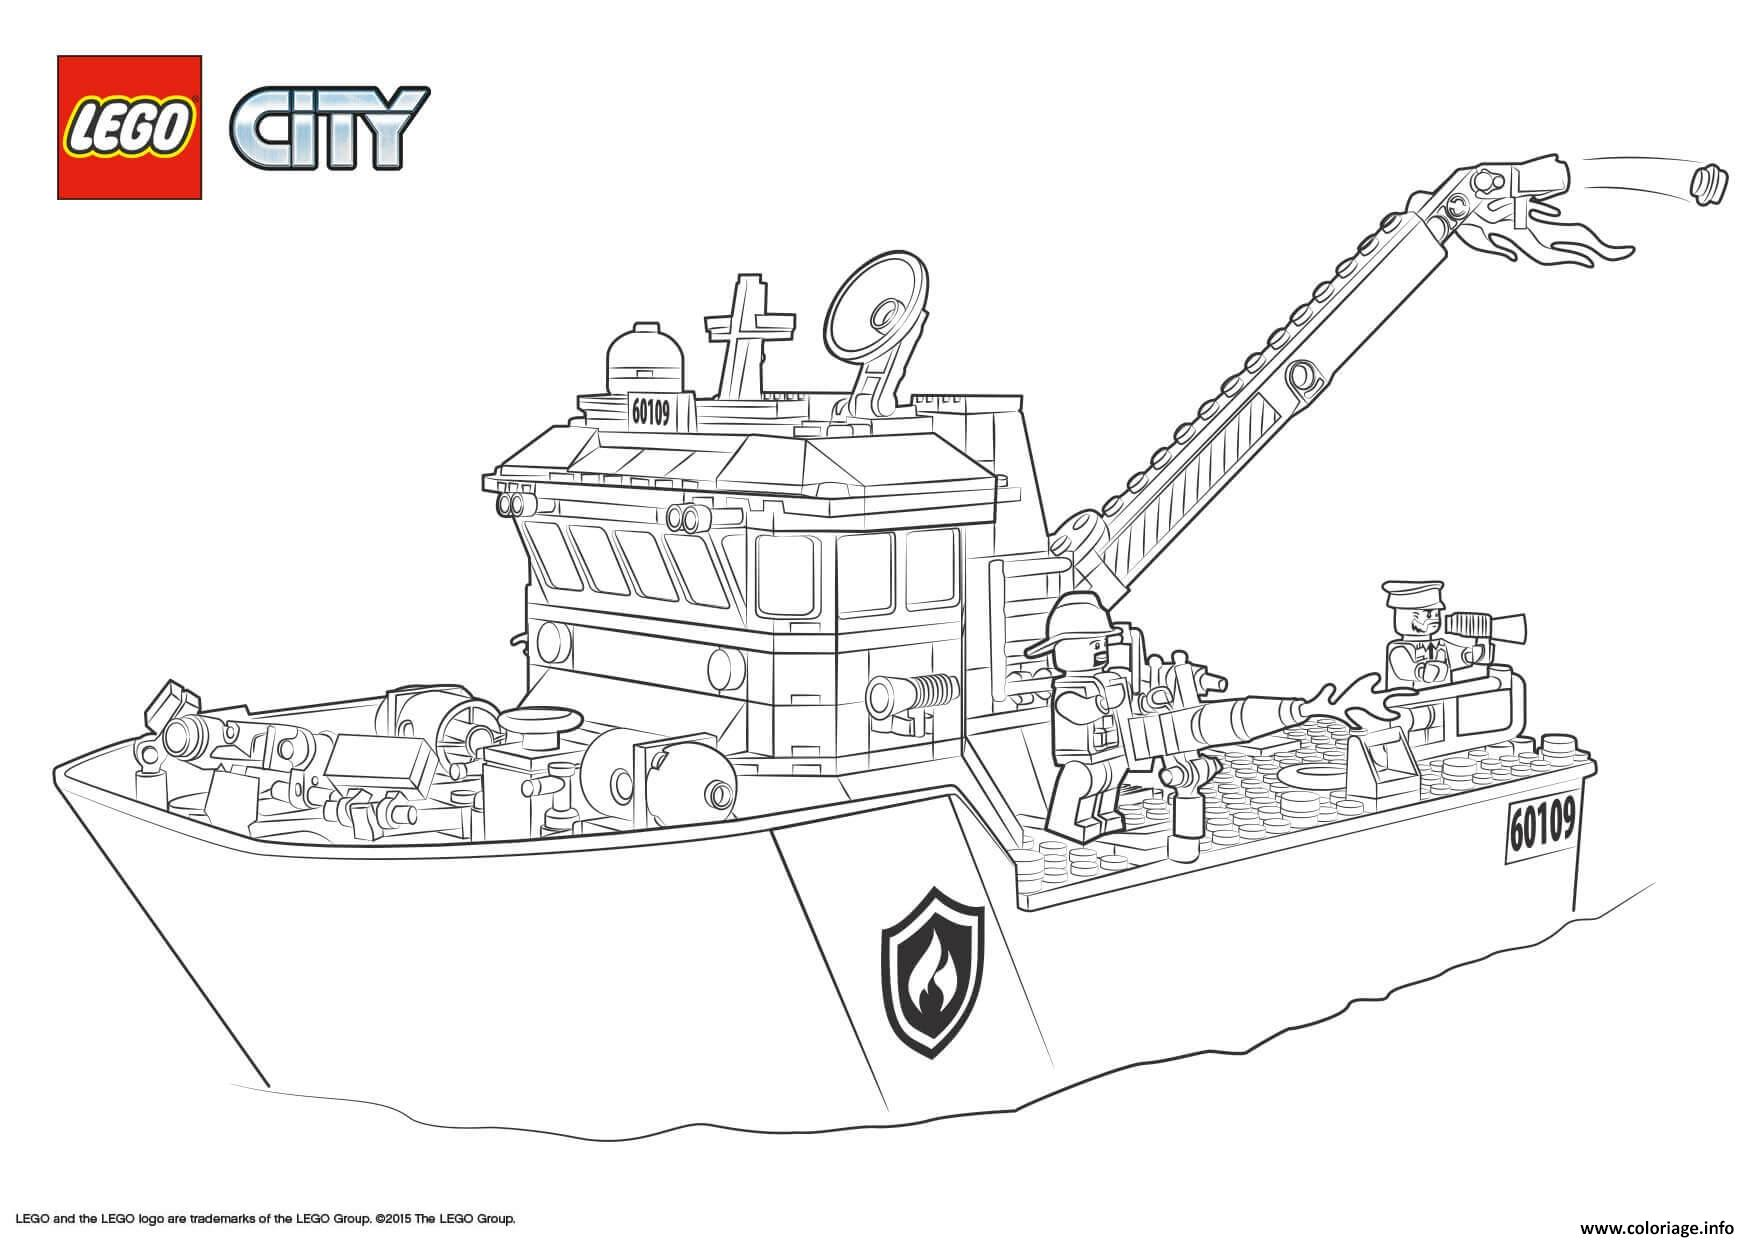 Dessin Lego City Fire Boat Coloriage Gratuit à Imprimer